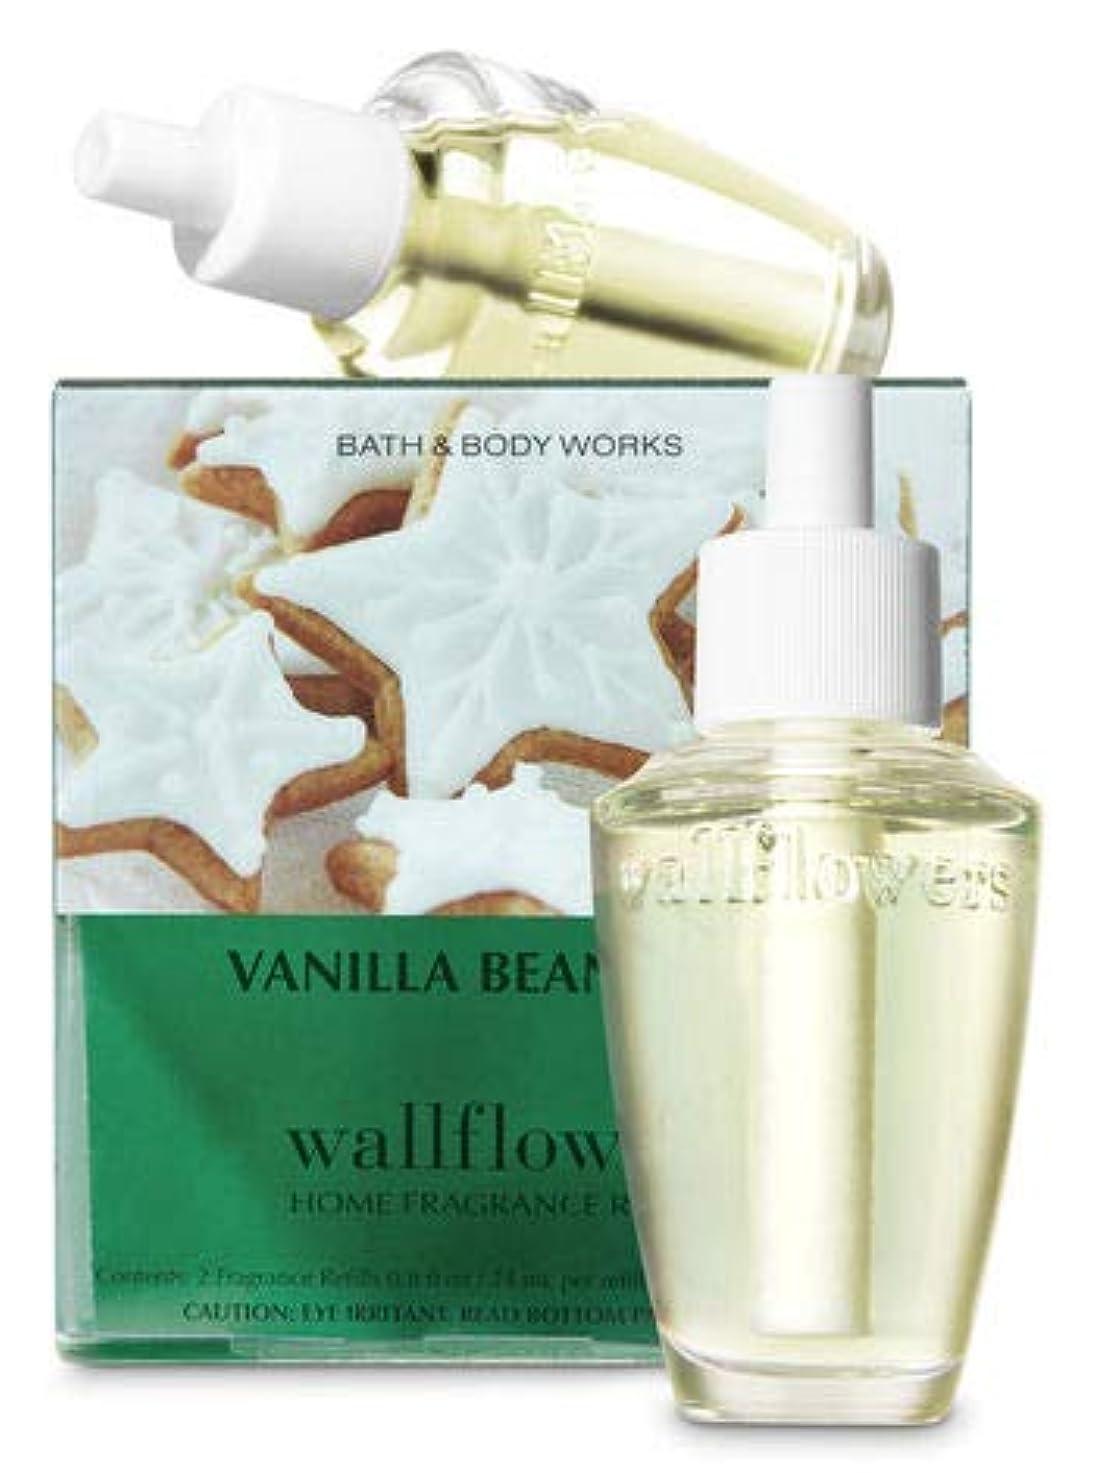 アリス伝導率幻想的【Bath&Body Works/バス&ボディワークス】 ルームフレグランス 詰替えリフィル(2個入り) バニラビーンノエル Wallflowers Home Fragrance 2-Pack Refills Vanilla Bean Noel [並行輸入品]